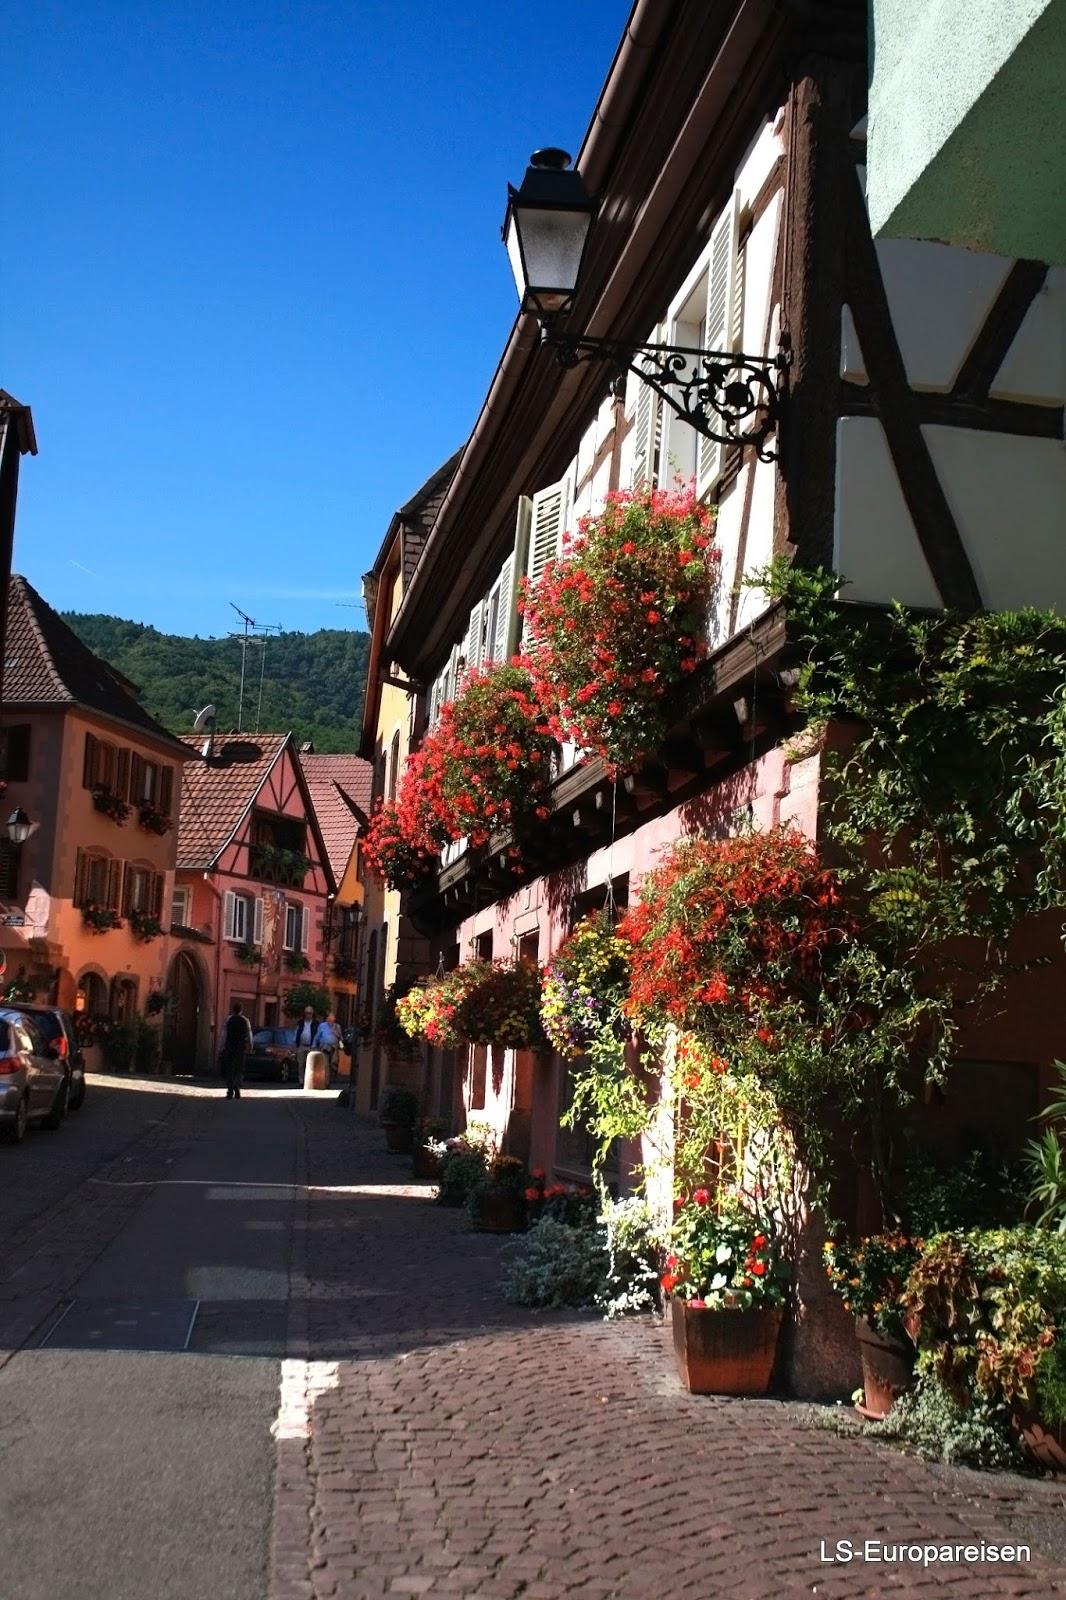 дорога вин Эльзаса, куда поехать, что посмотреть, Рибовилле, Эльзас, Франция, аисты, вино